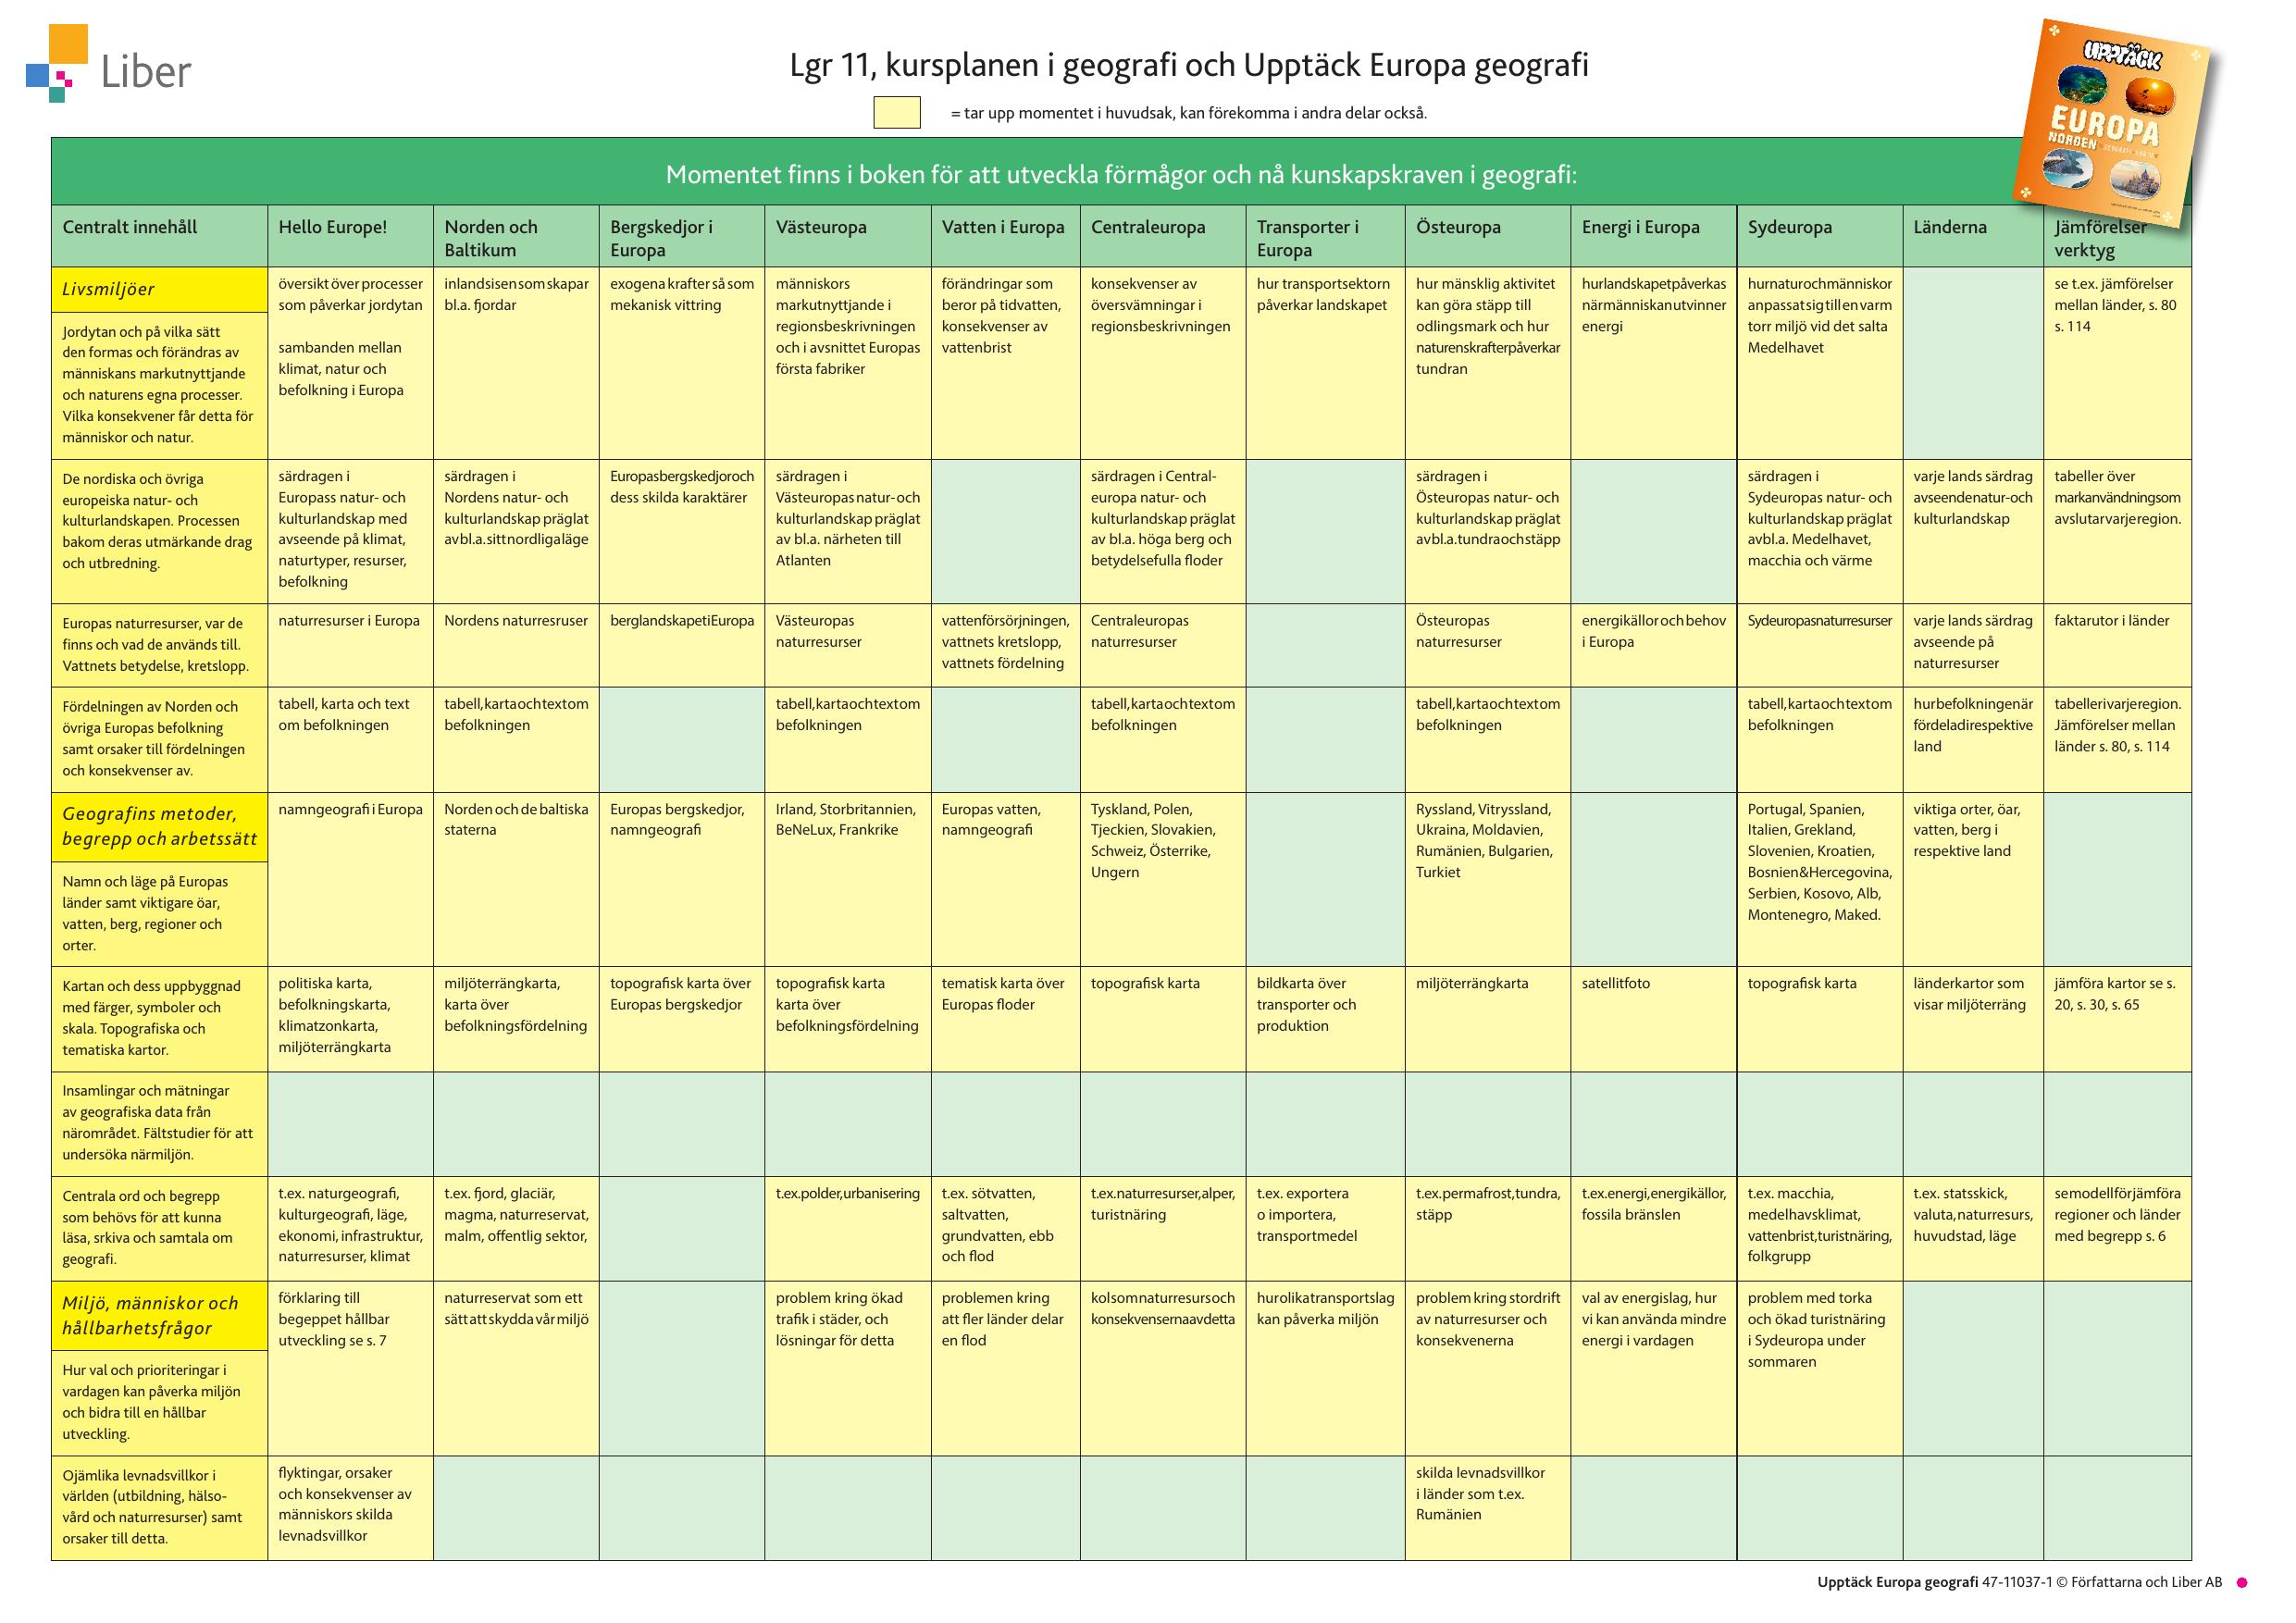 Lgr 11 Kursplanen I Geografi Och Upptack Europa Geografi